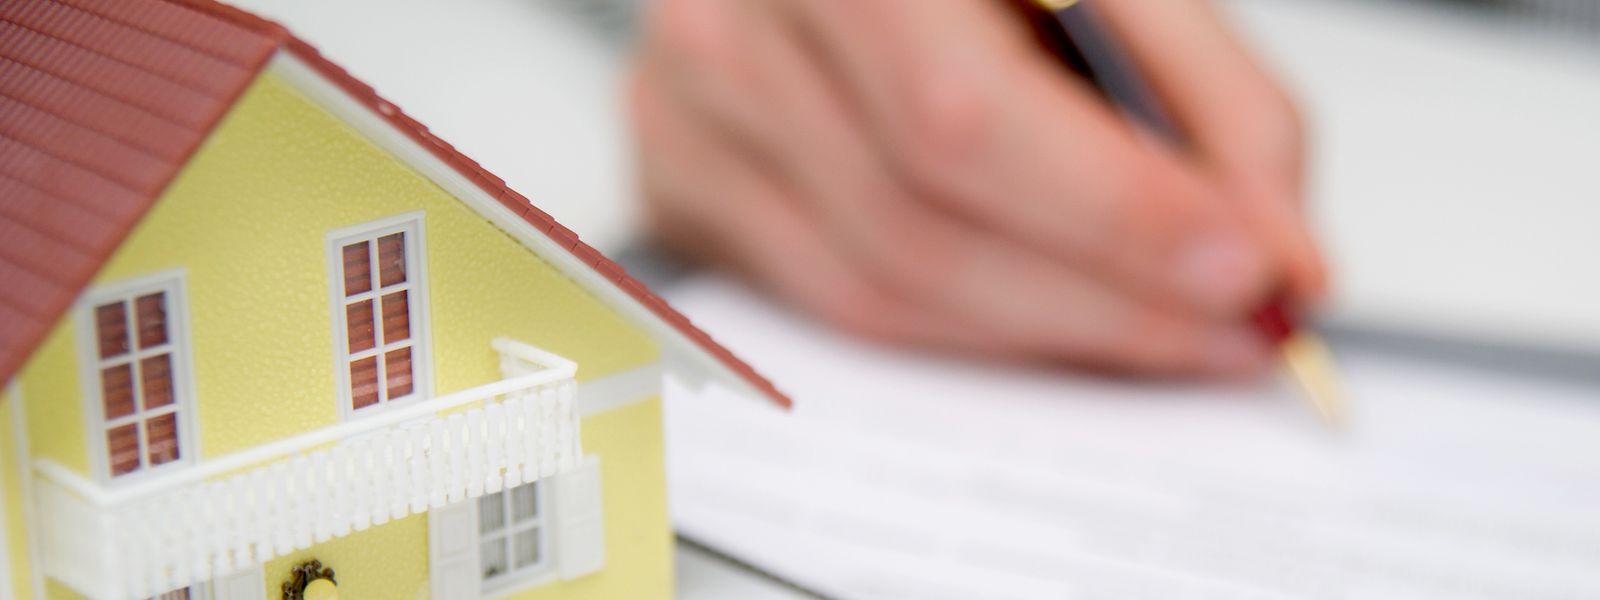 Selbst mit Rücklagen haben Mittelverdiener es schwer, sich ein Eigenheim in Luxemburg zu leisten.